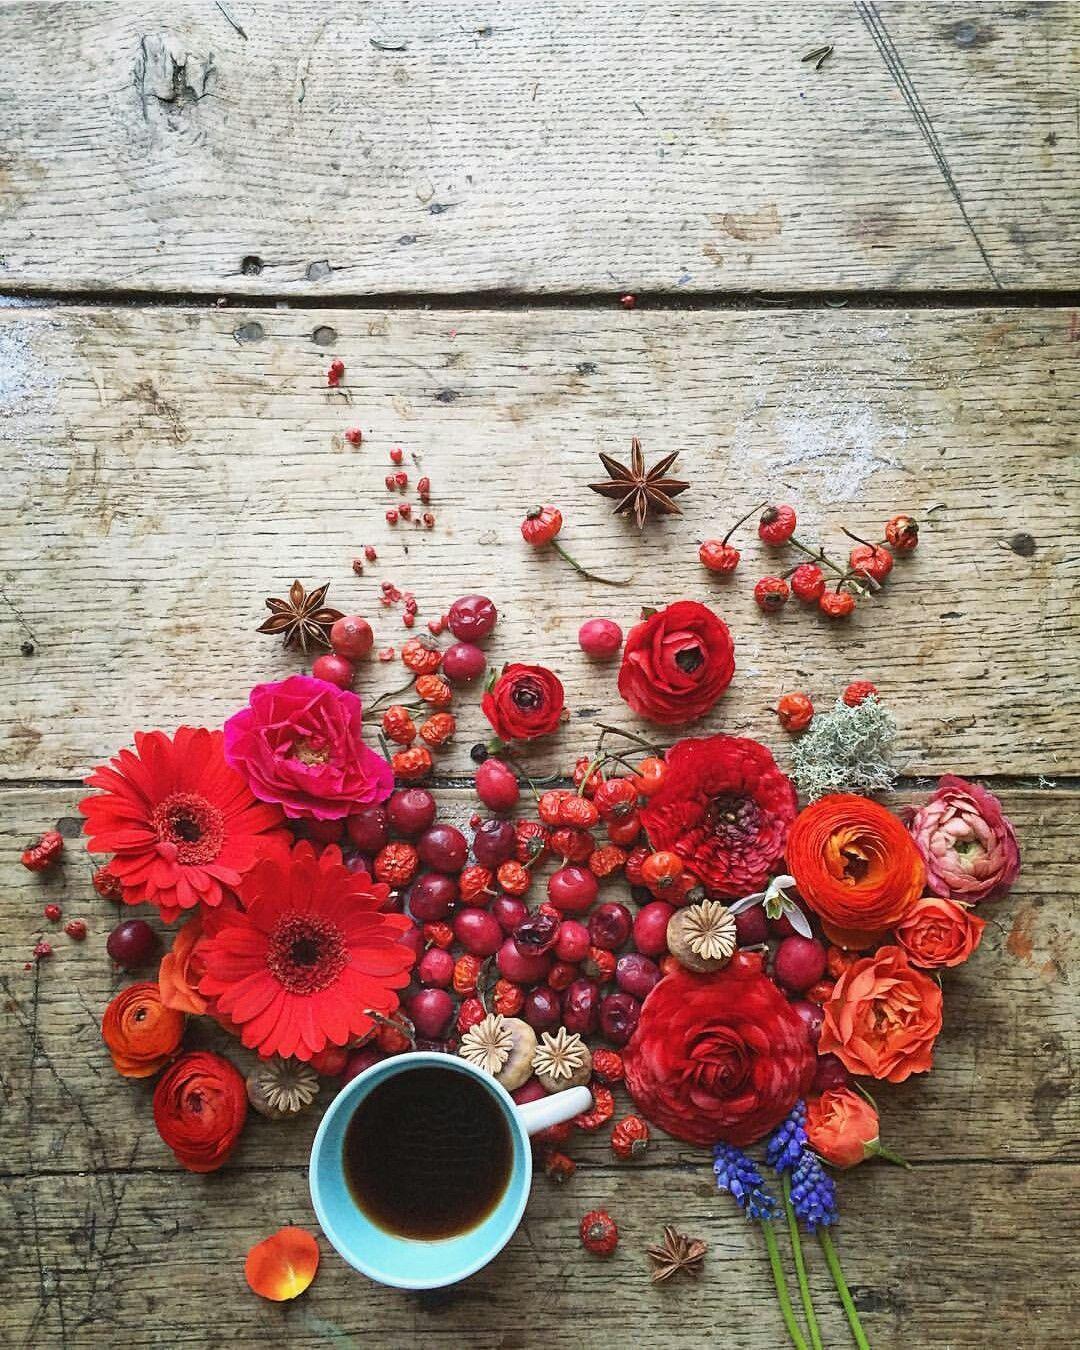 Caffe Moreno Immagini